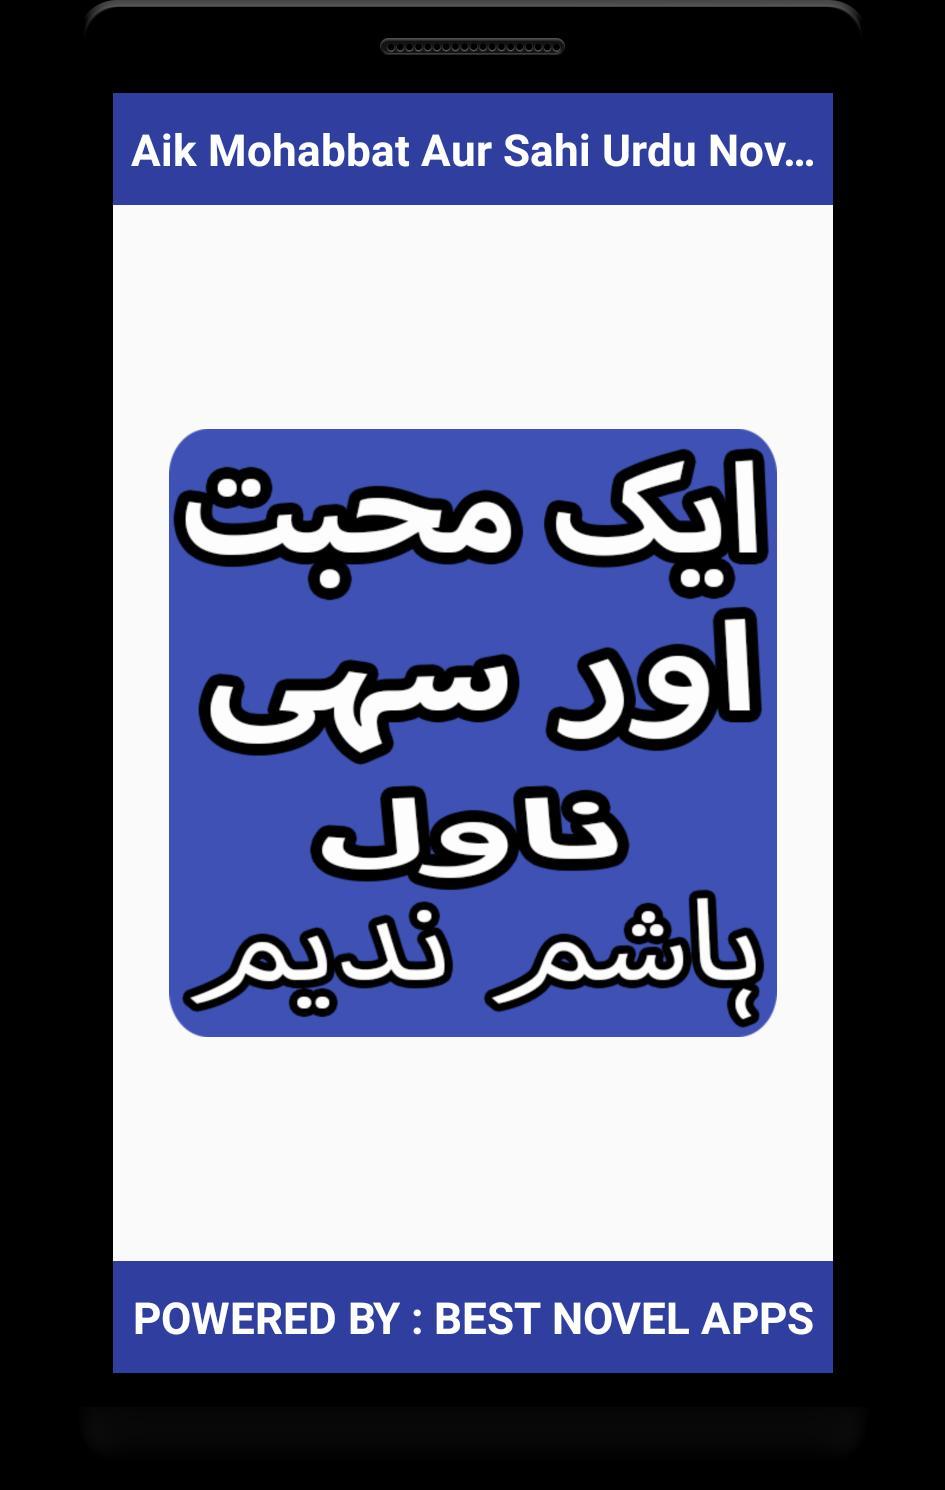 Aik Mohabbat Aur Sahi Urdu Novel By Hashim Nadeem For Android Apk Download